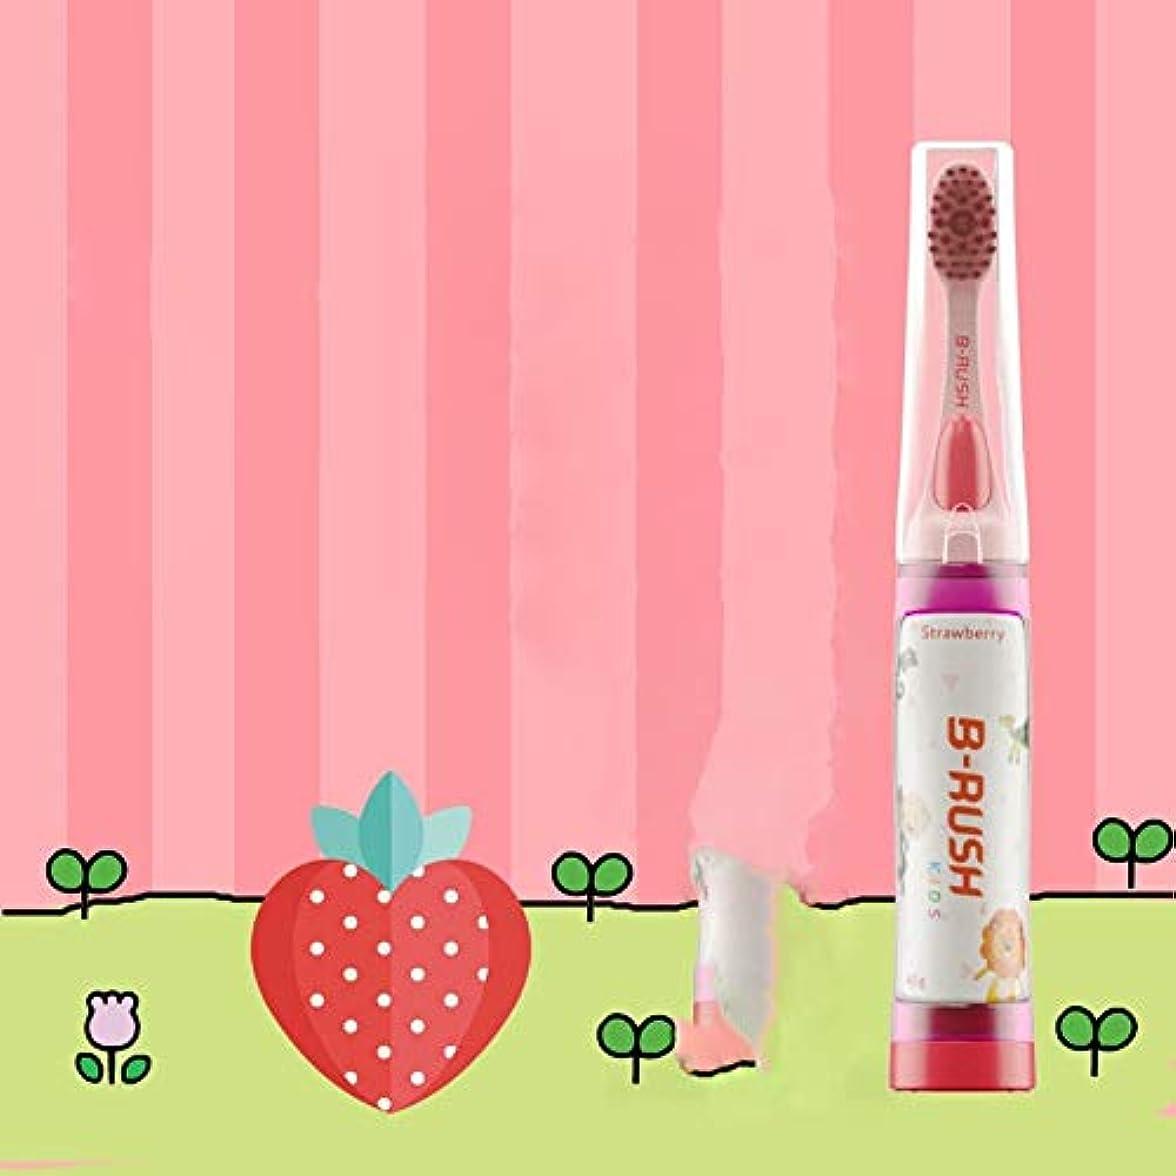 仕事直立綺麗な歯ブラシ より小さな歯と歯茎のための柔らかい毛 環境健康 自分の歯磨き粉を持参する 海外旅行 持ち運びが簡単 子供/大人2つの選択肢 (子供)